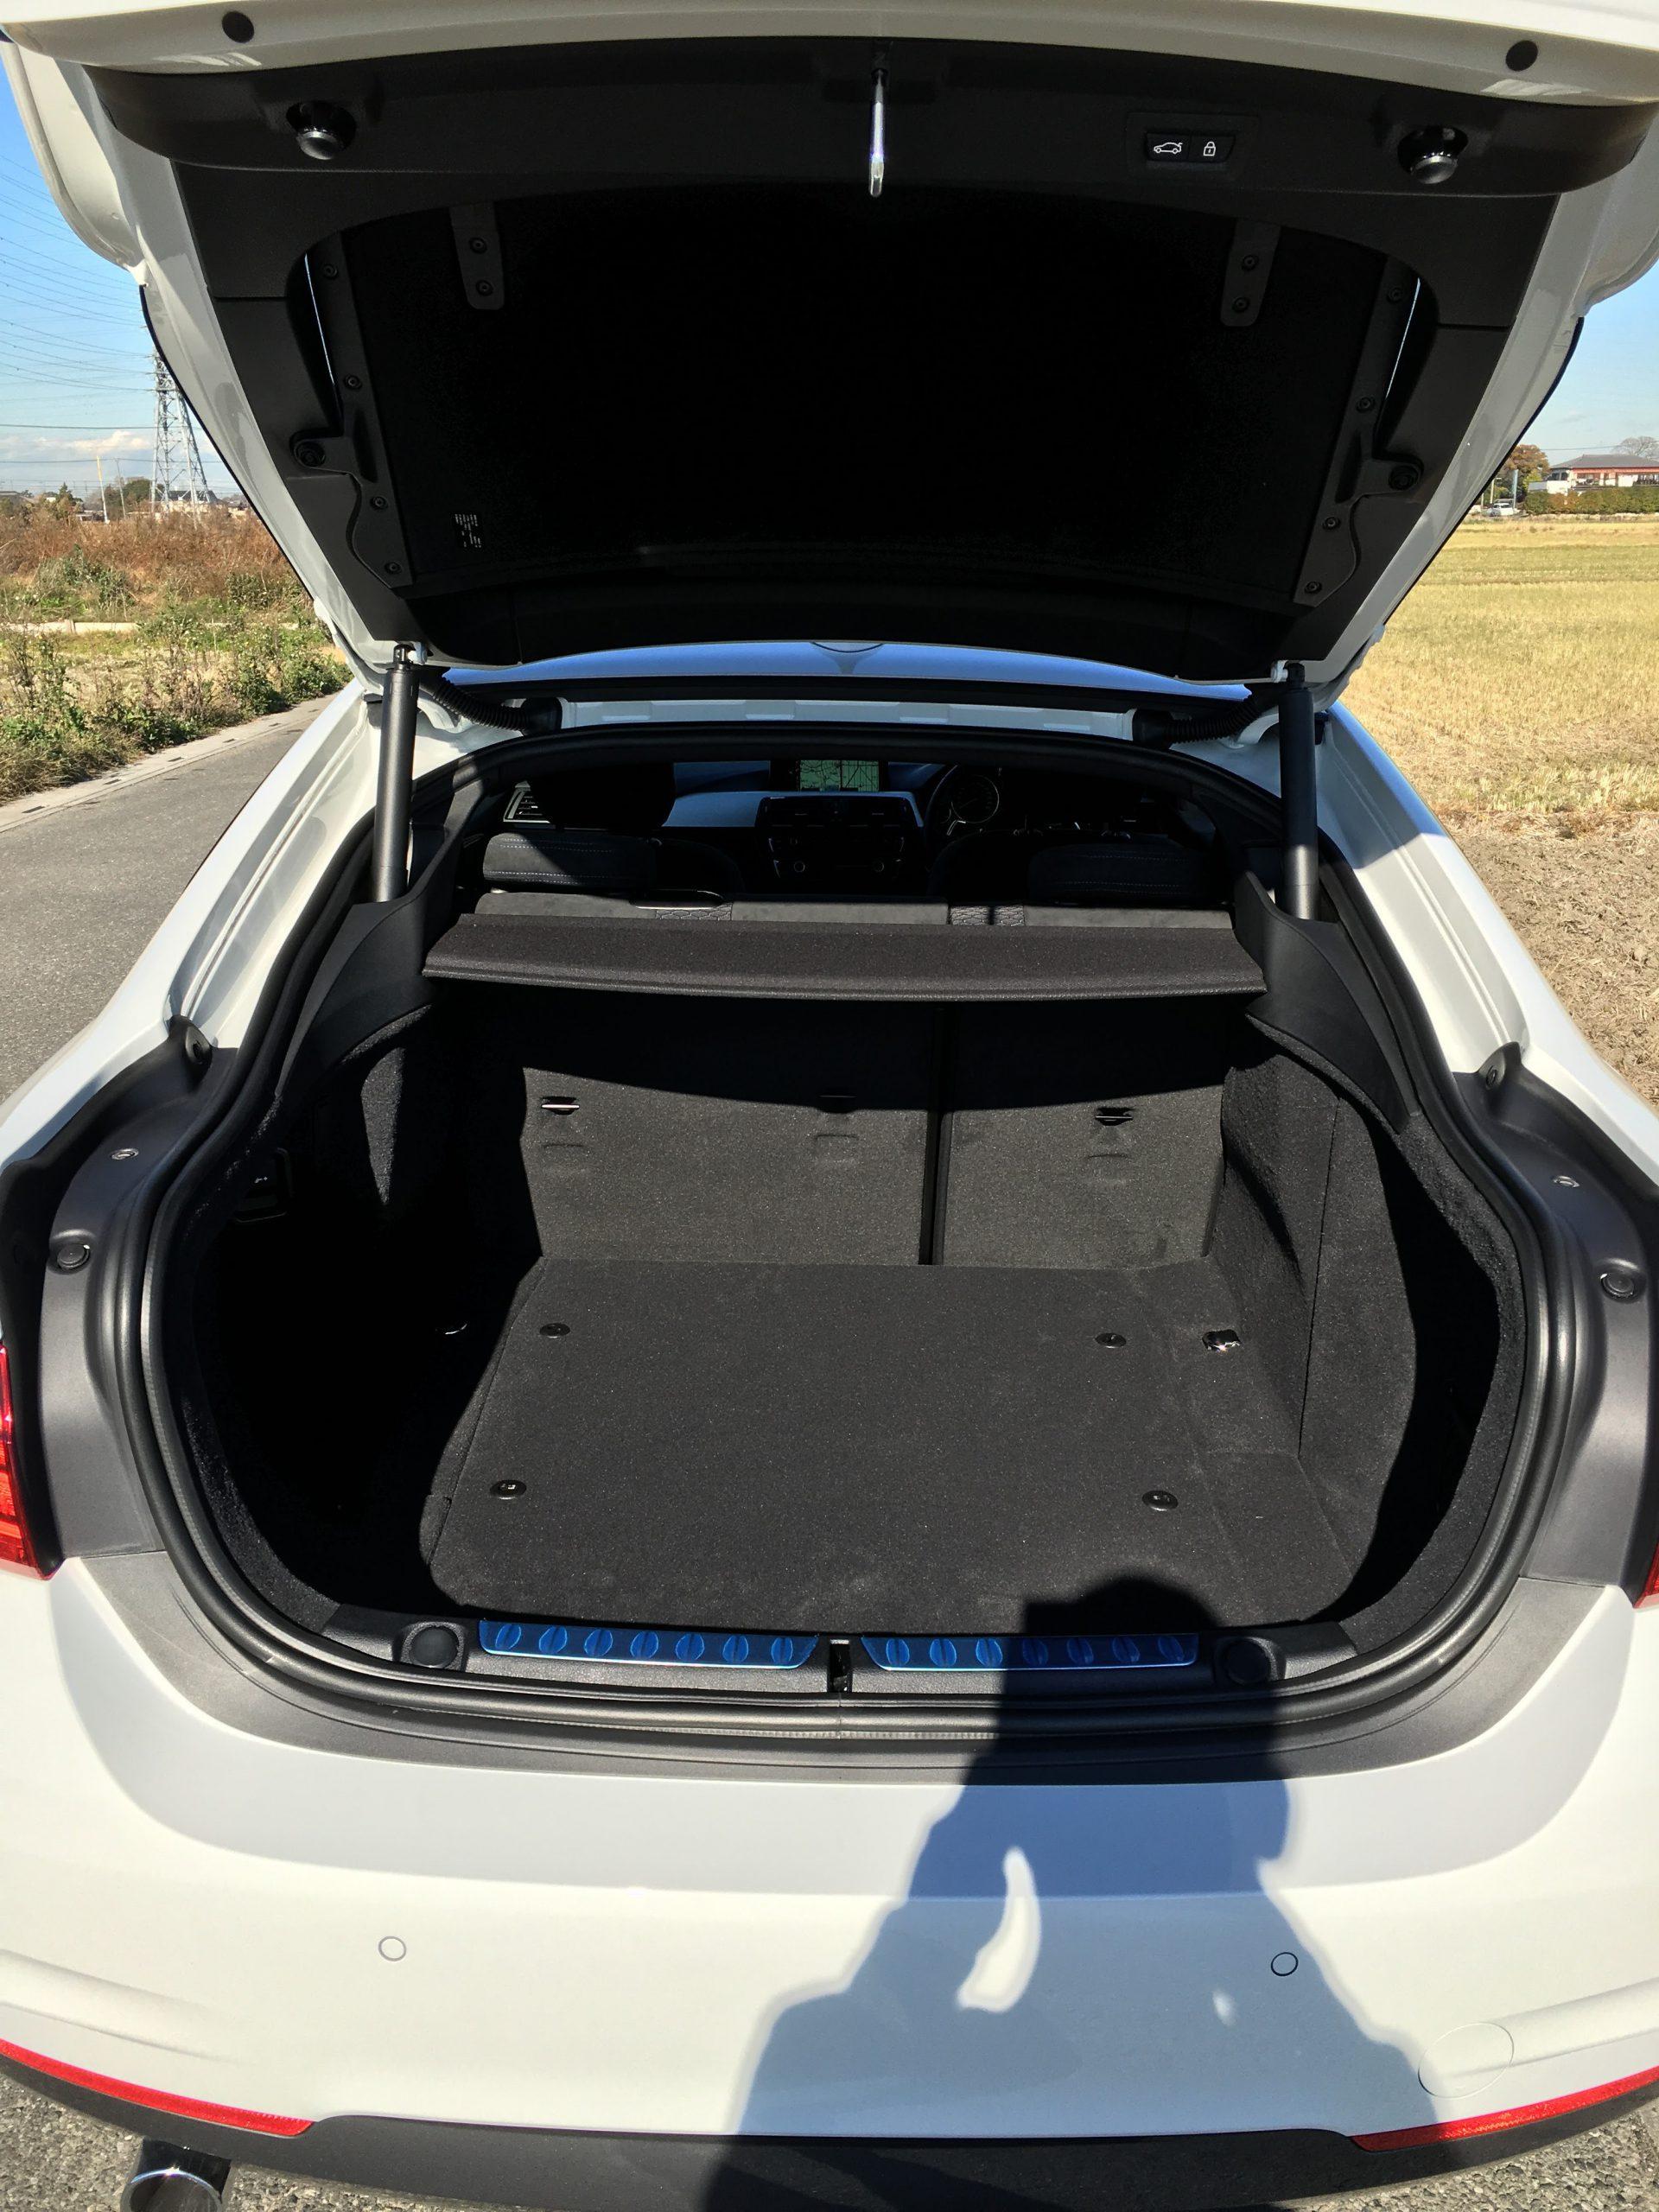 【BMW420i GC】リアバンパー下に足をかざすとトランクが開くトランクリッド・スマート・オープナー機能